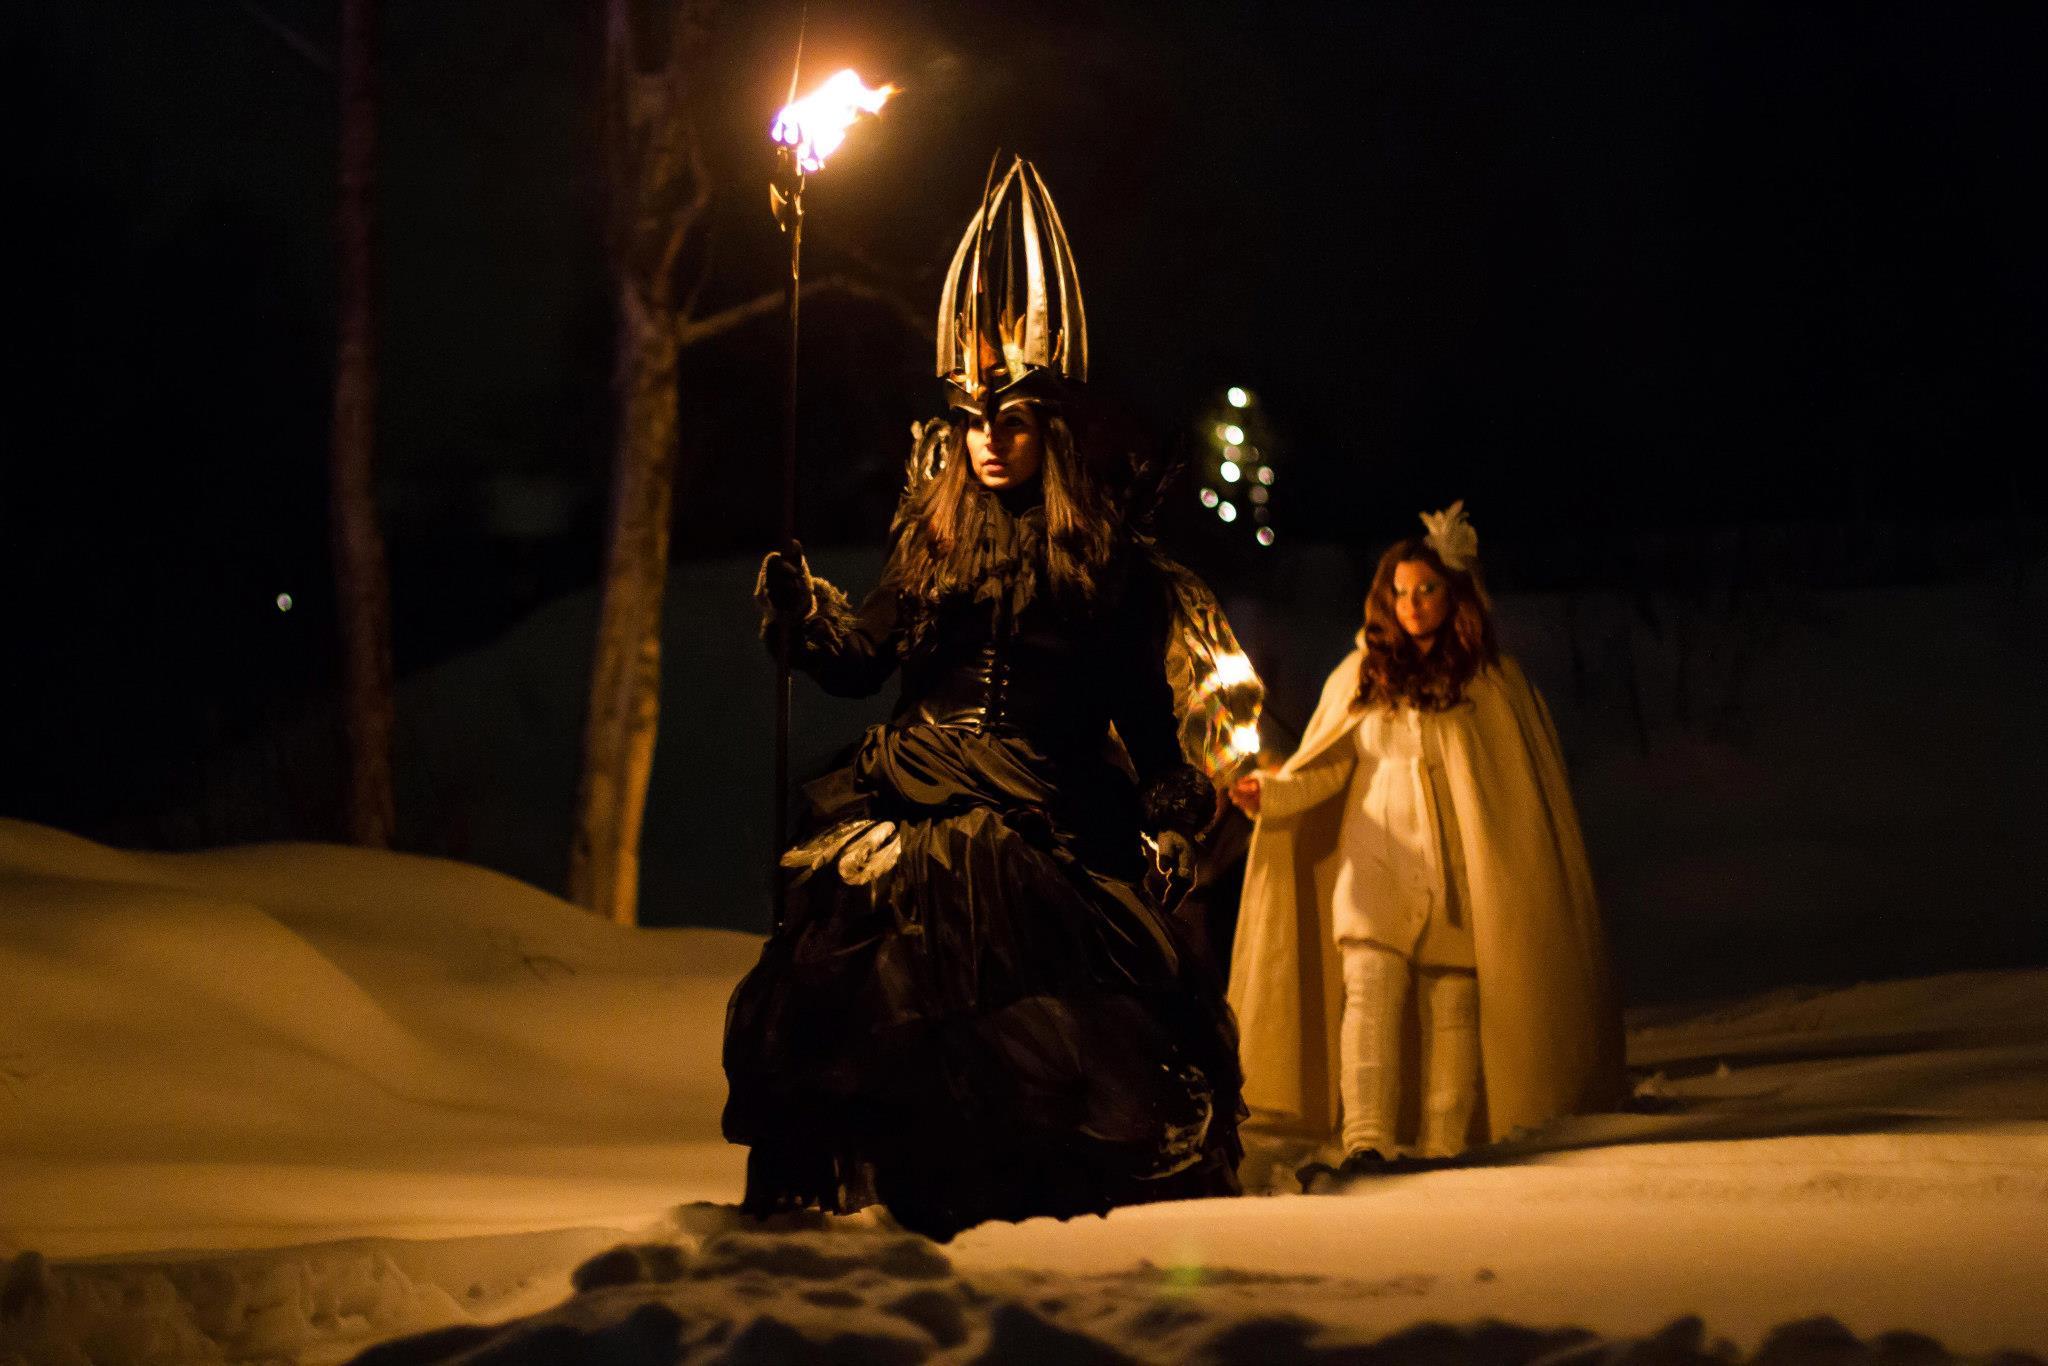 Lucia i folktron showen - premiären 2012. Lucia Katarina Borbos och Lovisa Hall ses här på bilden. Foto: Daniel Funseth